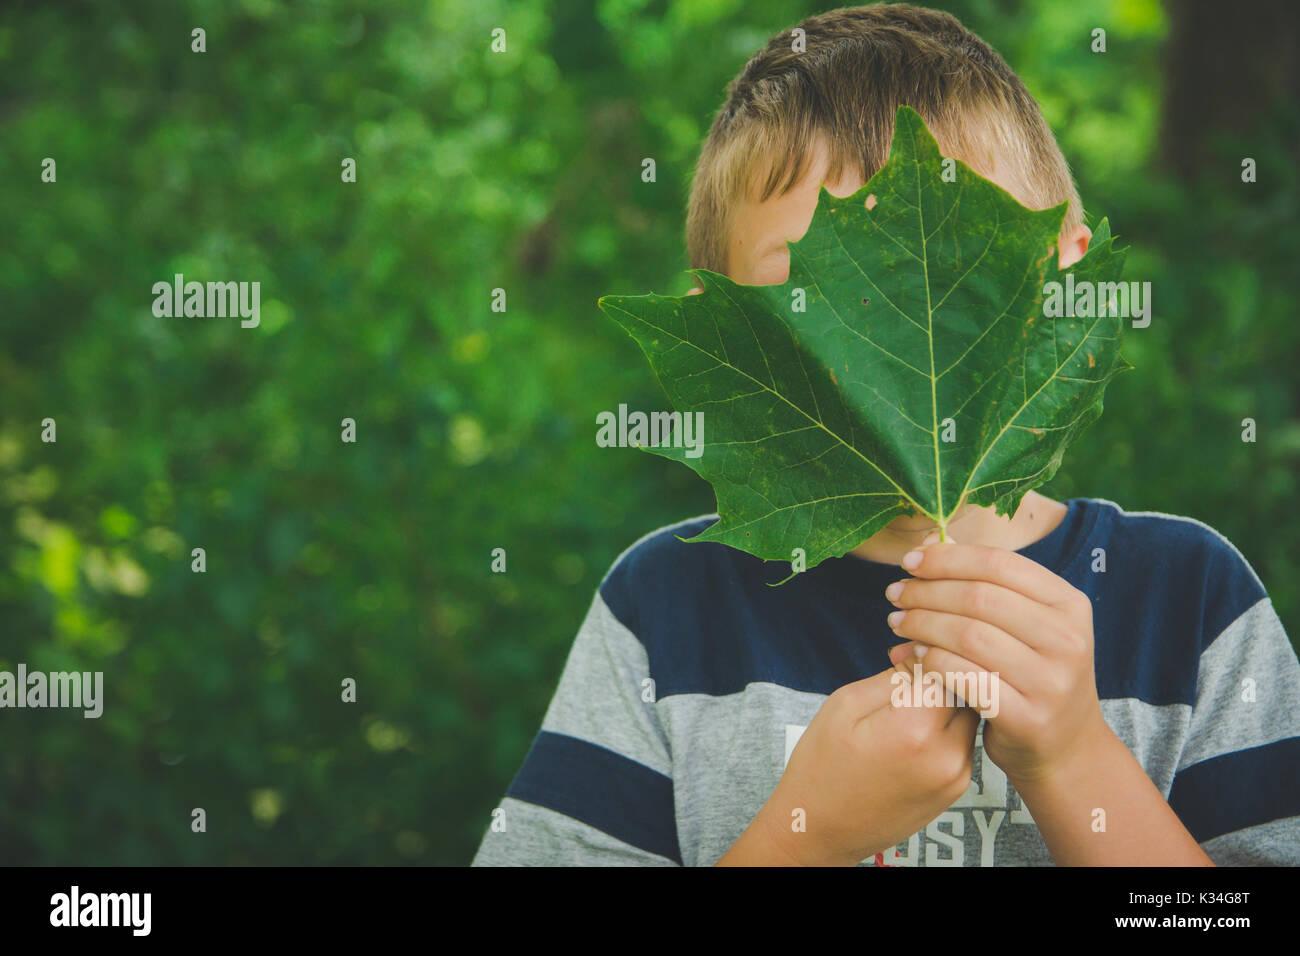 Un giovane ragazzo detiene una foglia verde nella parte anteriore del suo volto. Foto Stock